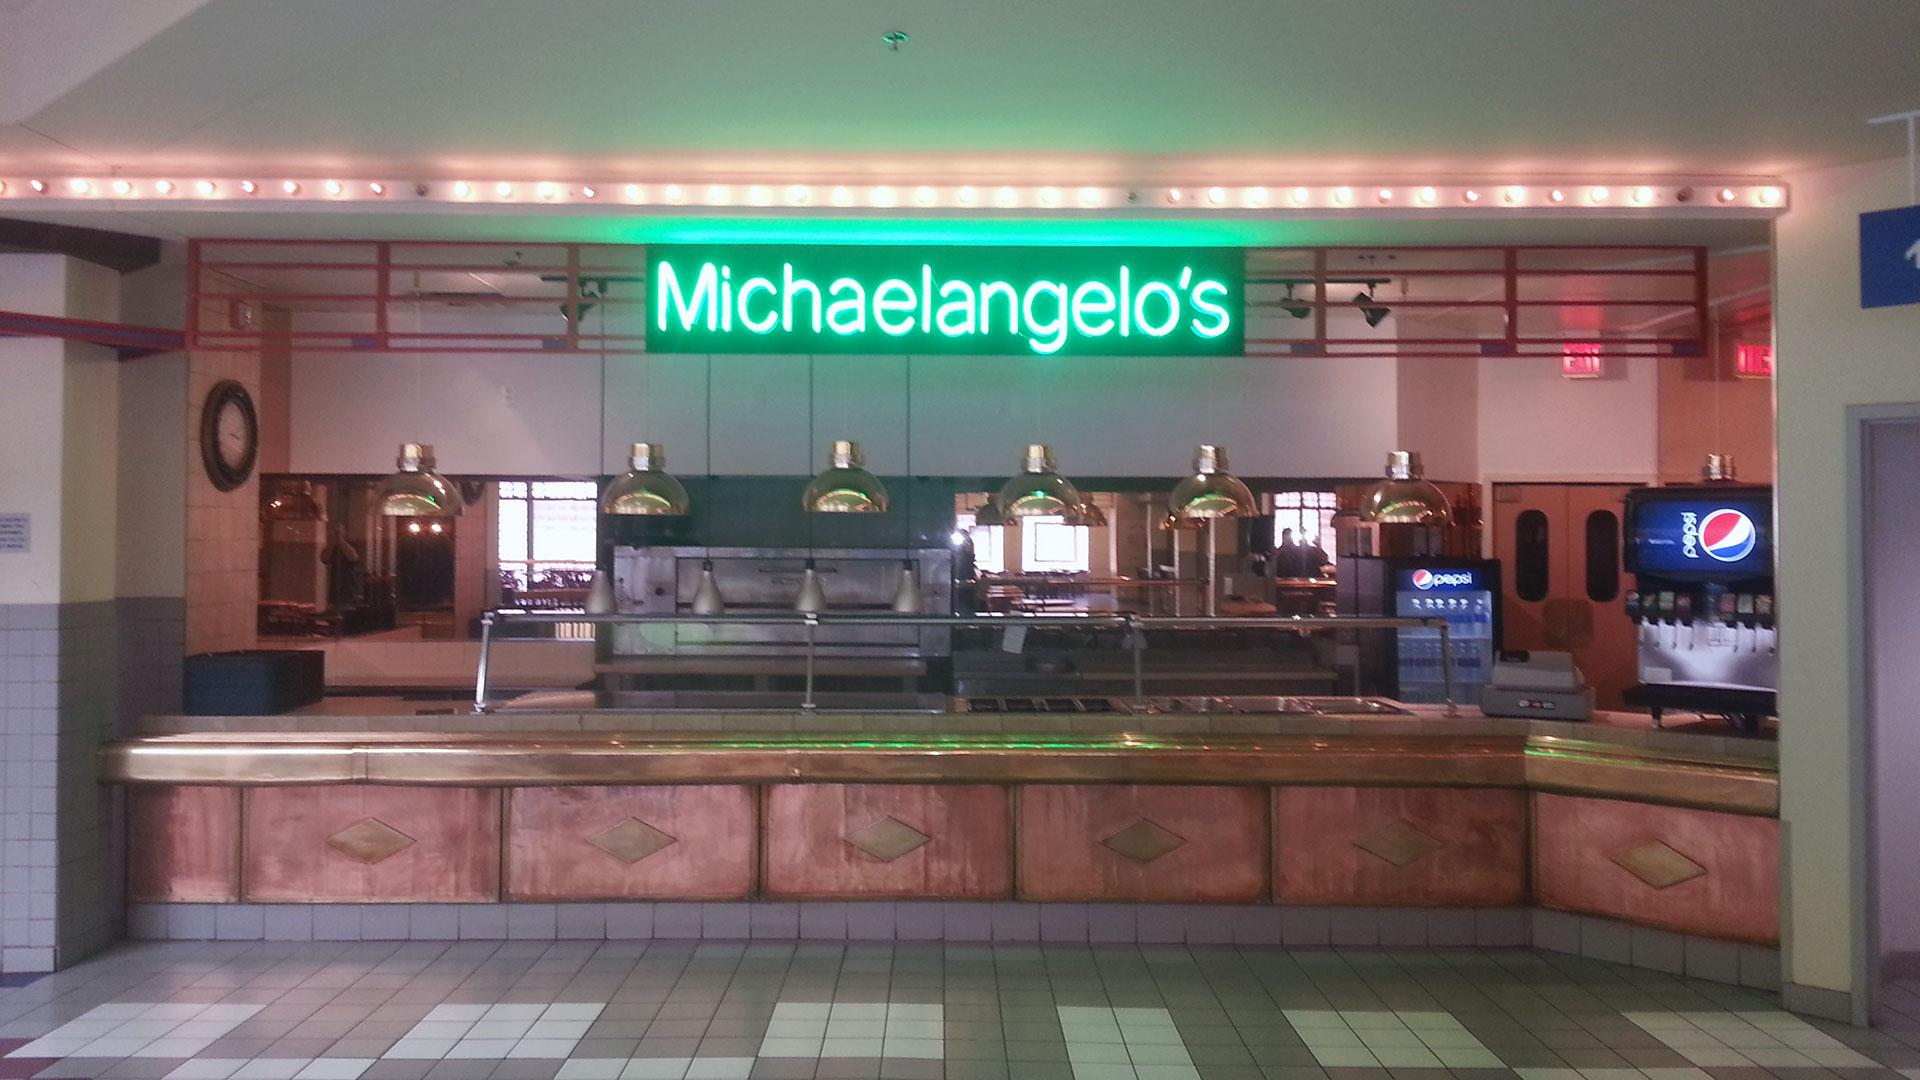 Michaelangelo's Neon Sign